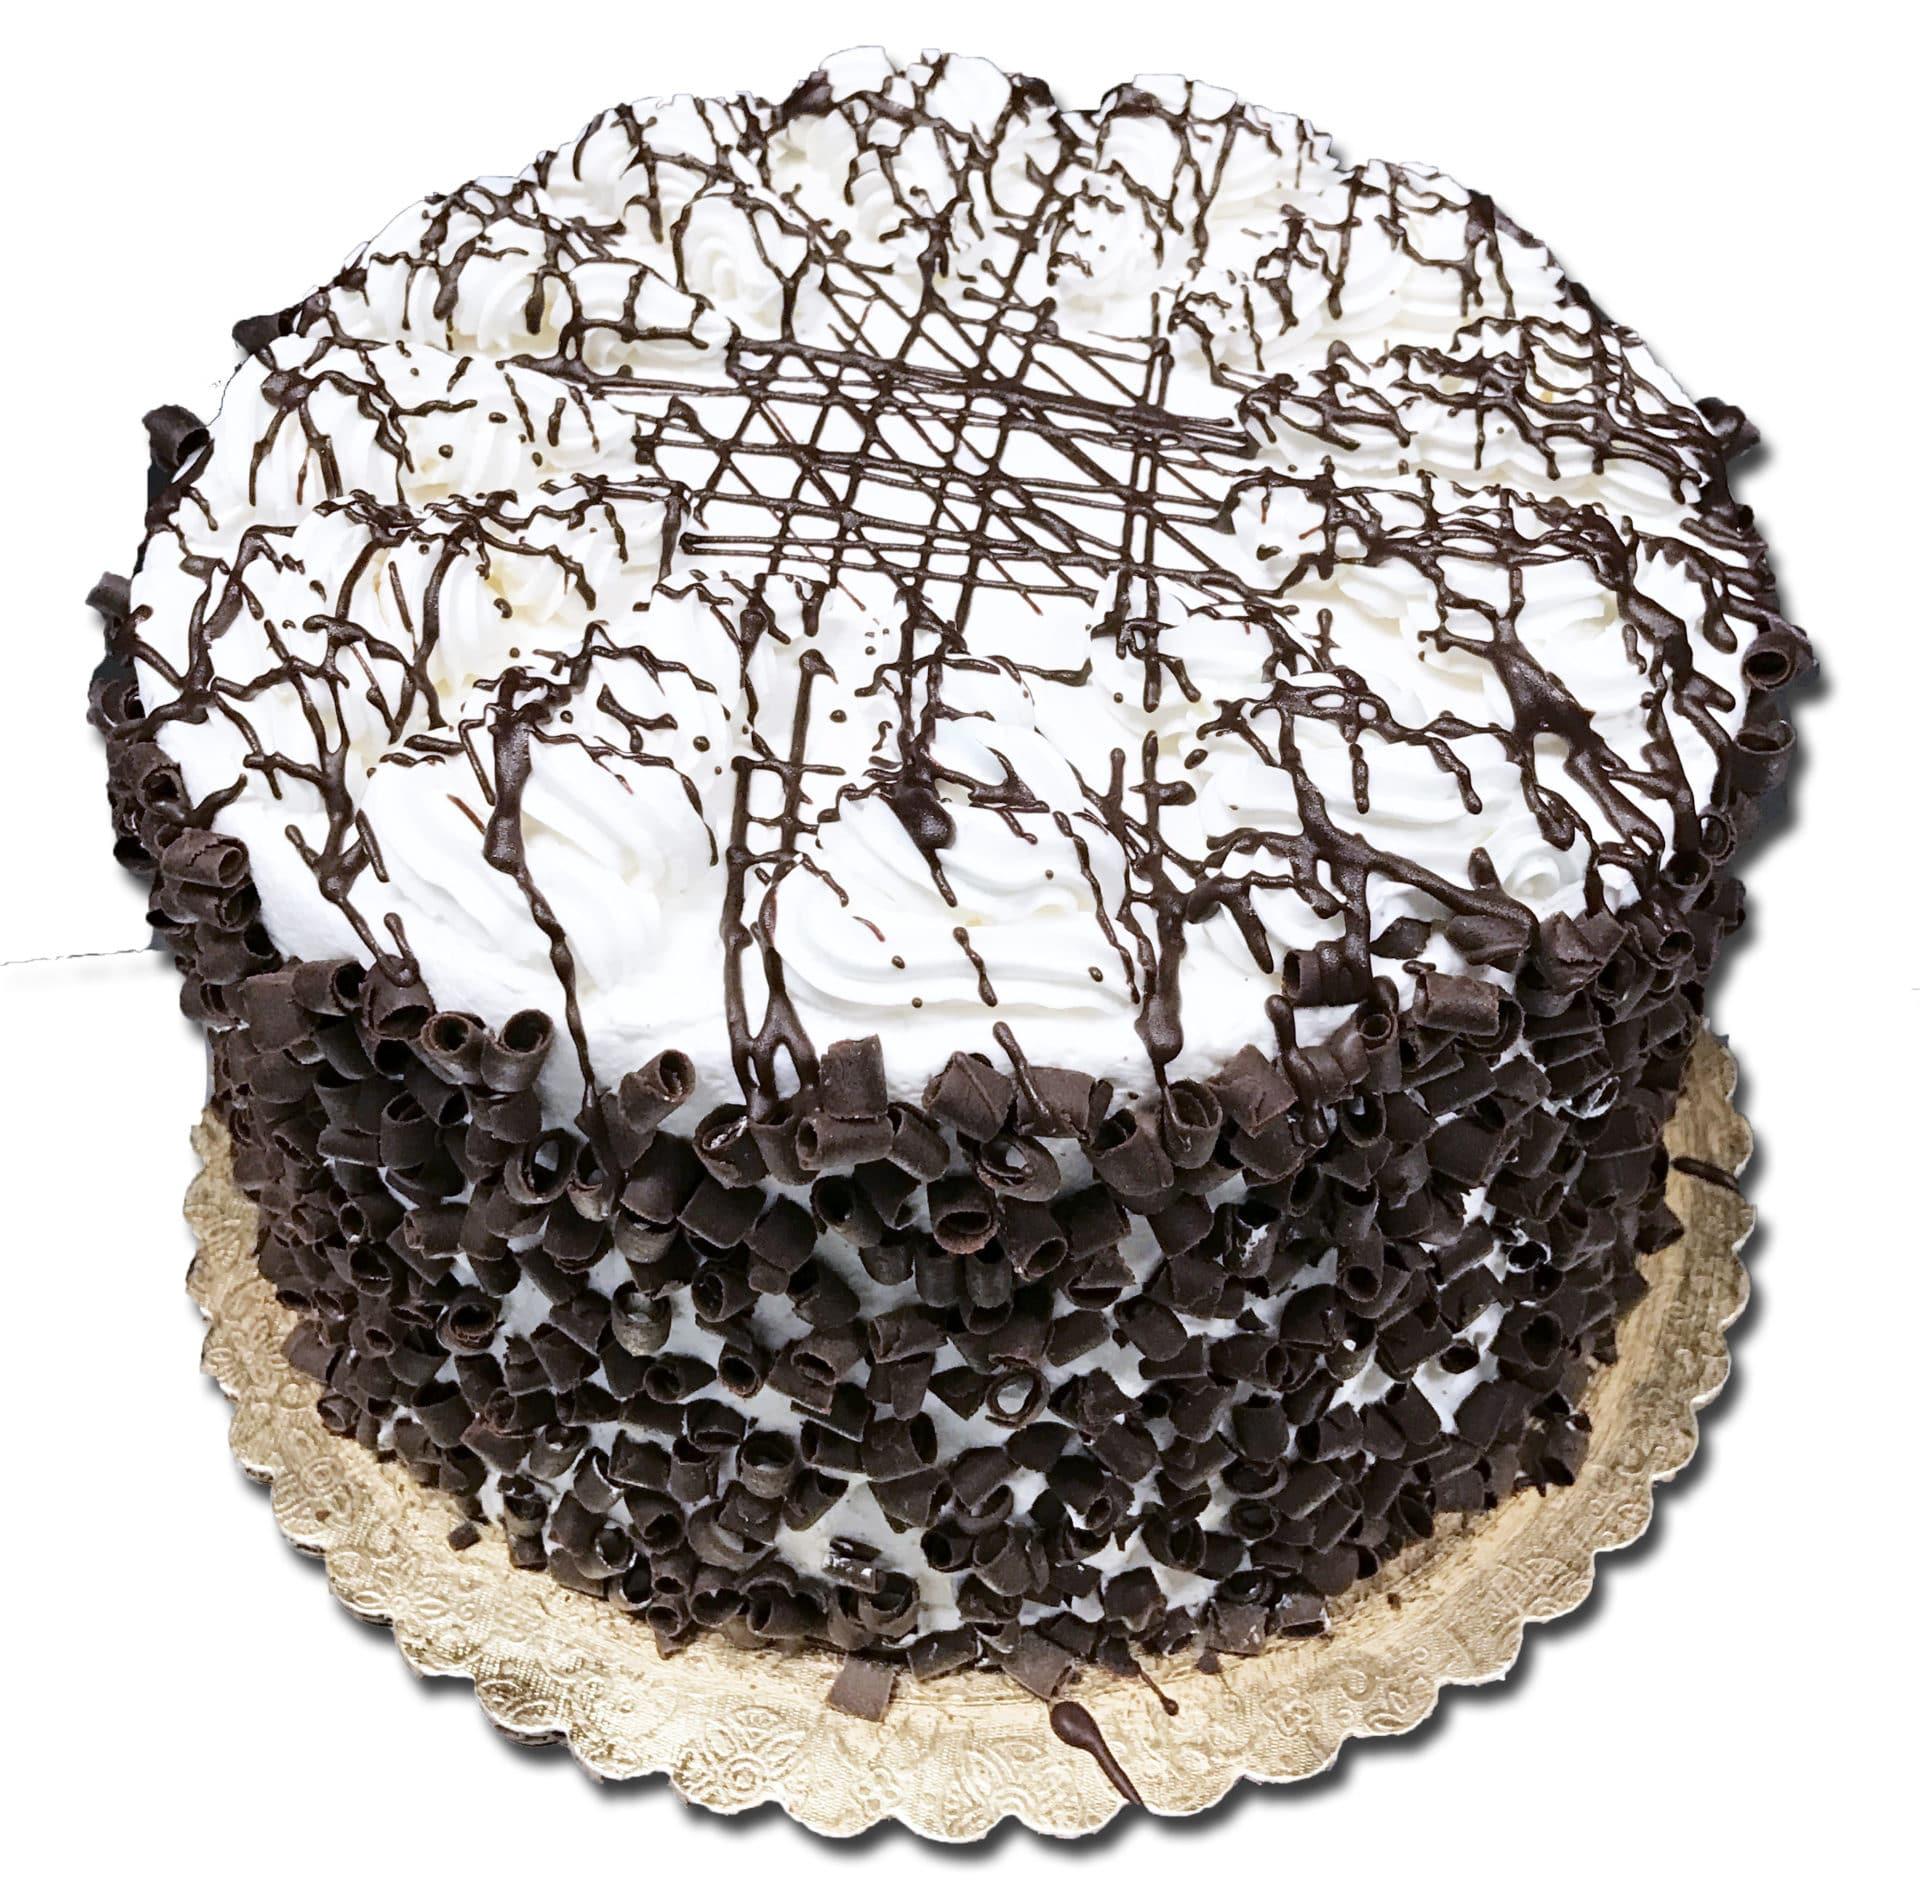 Aggies Baileys Irish Cream Torte